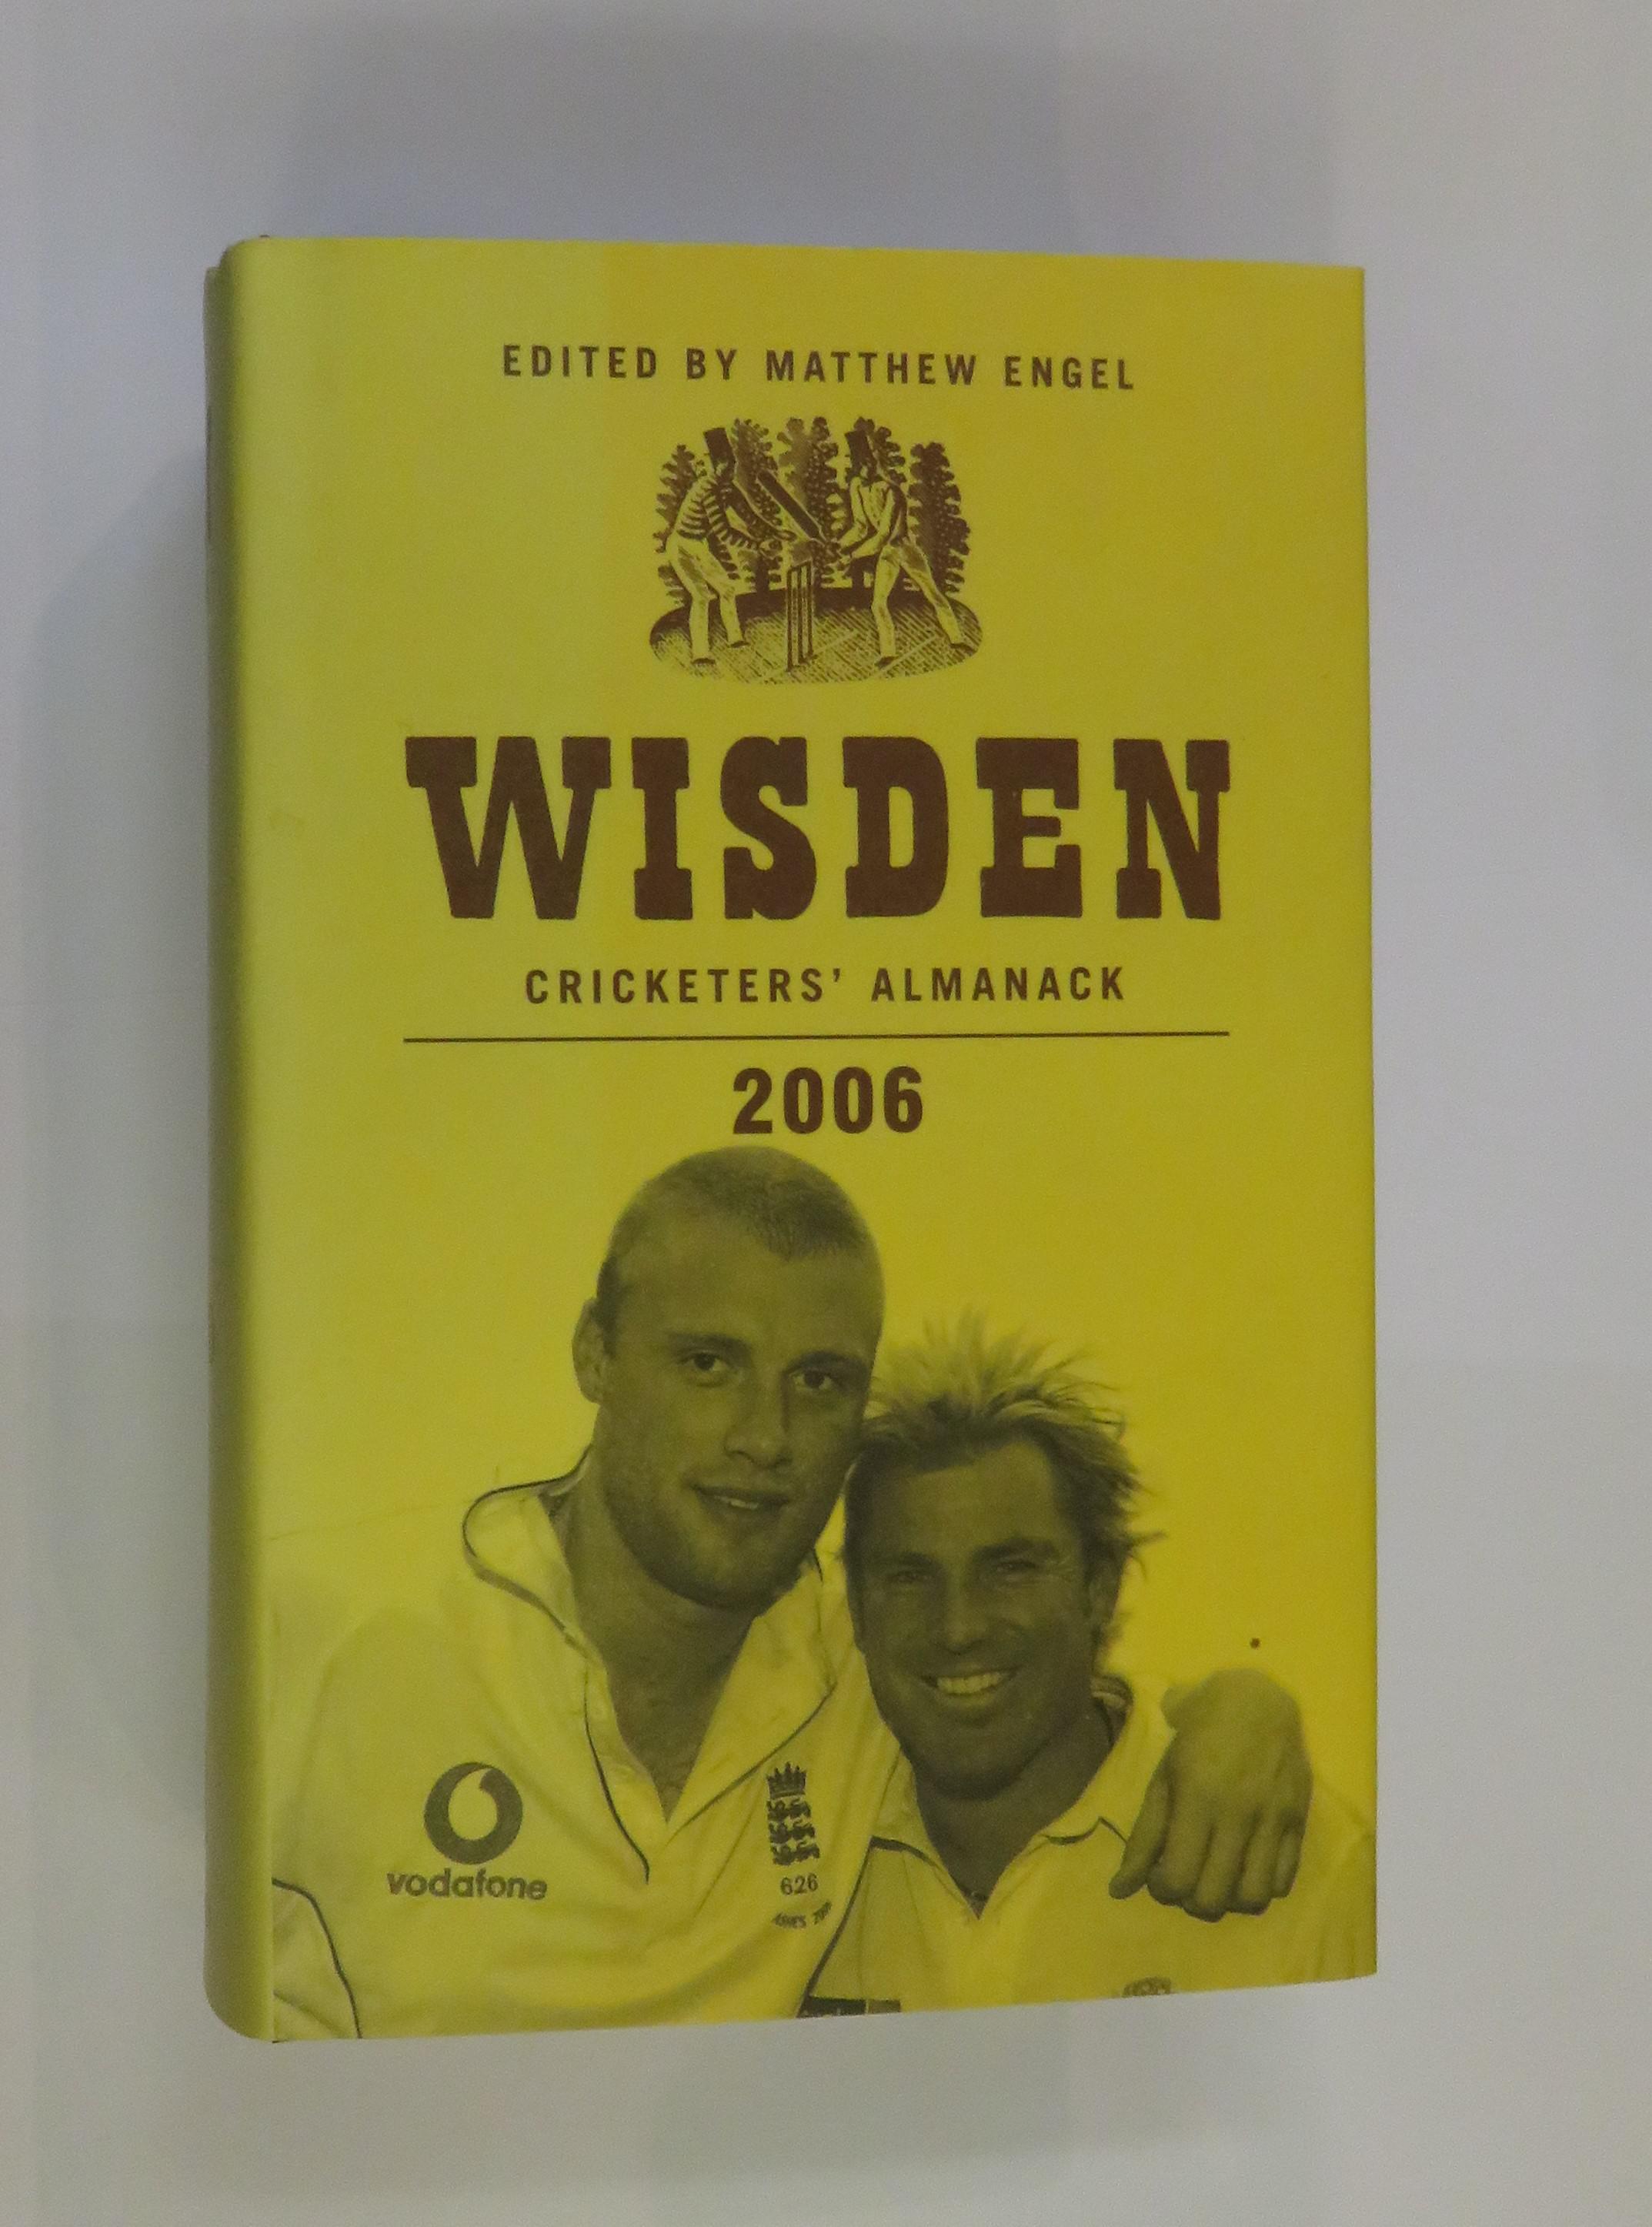 Wisden Cricketers' Almanack 2006